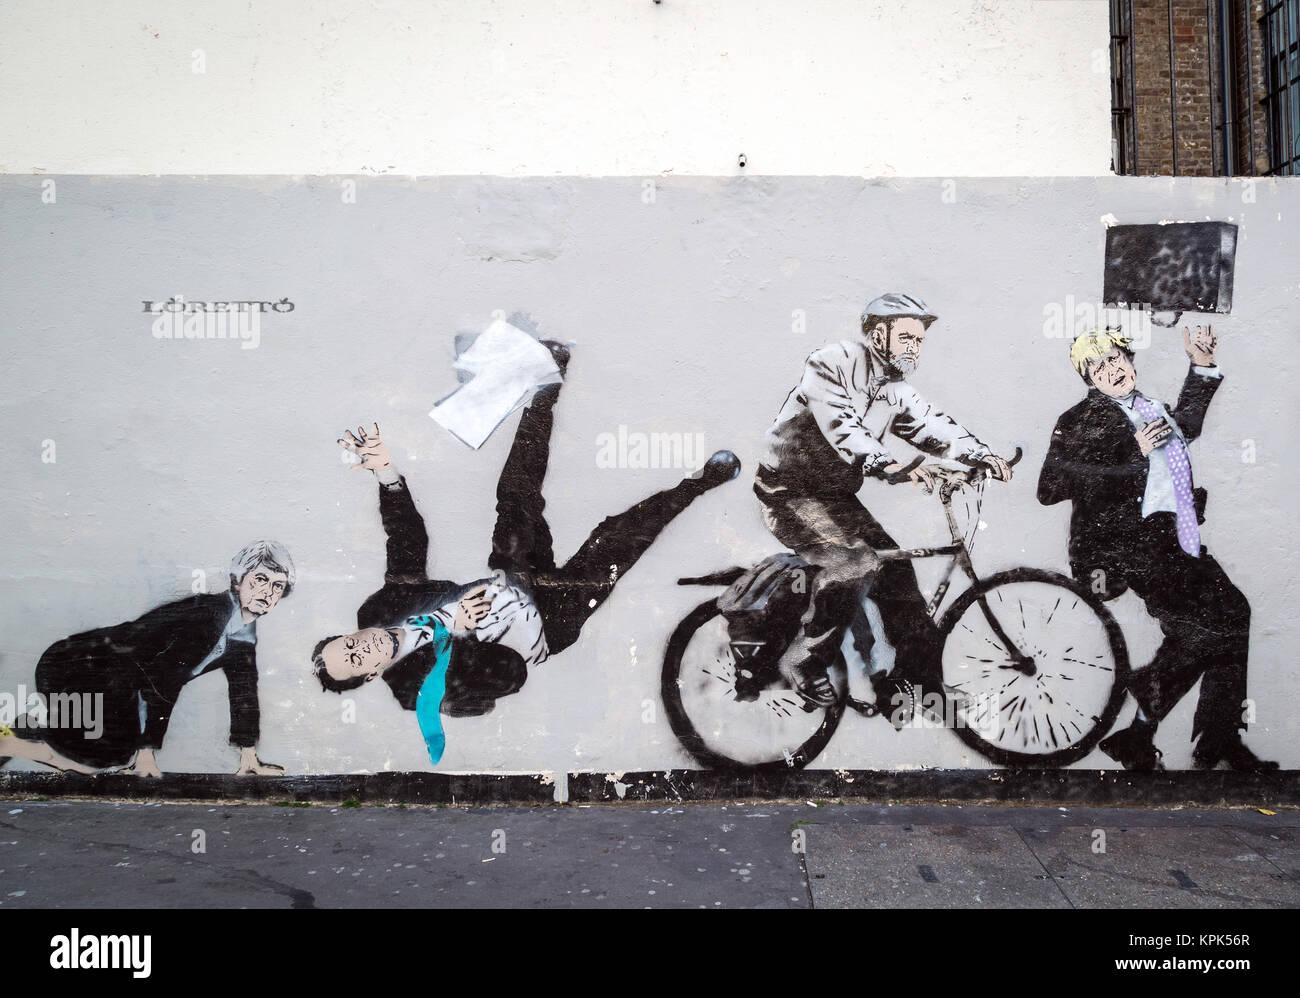 British Political Satire Urban Artwork By Loretto A London